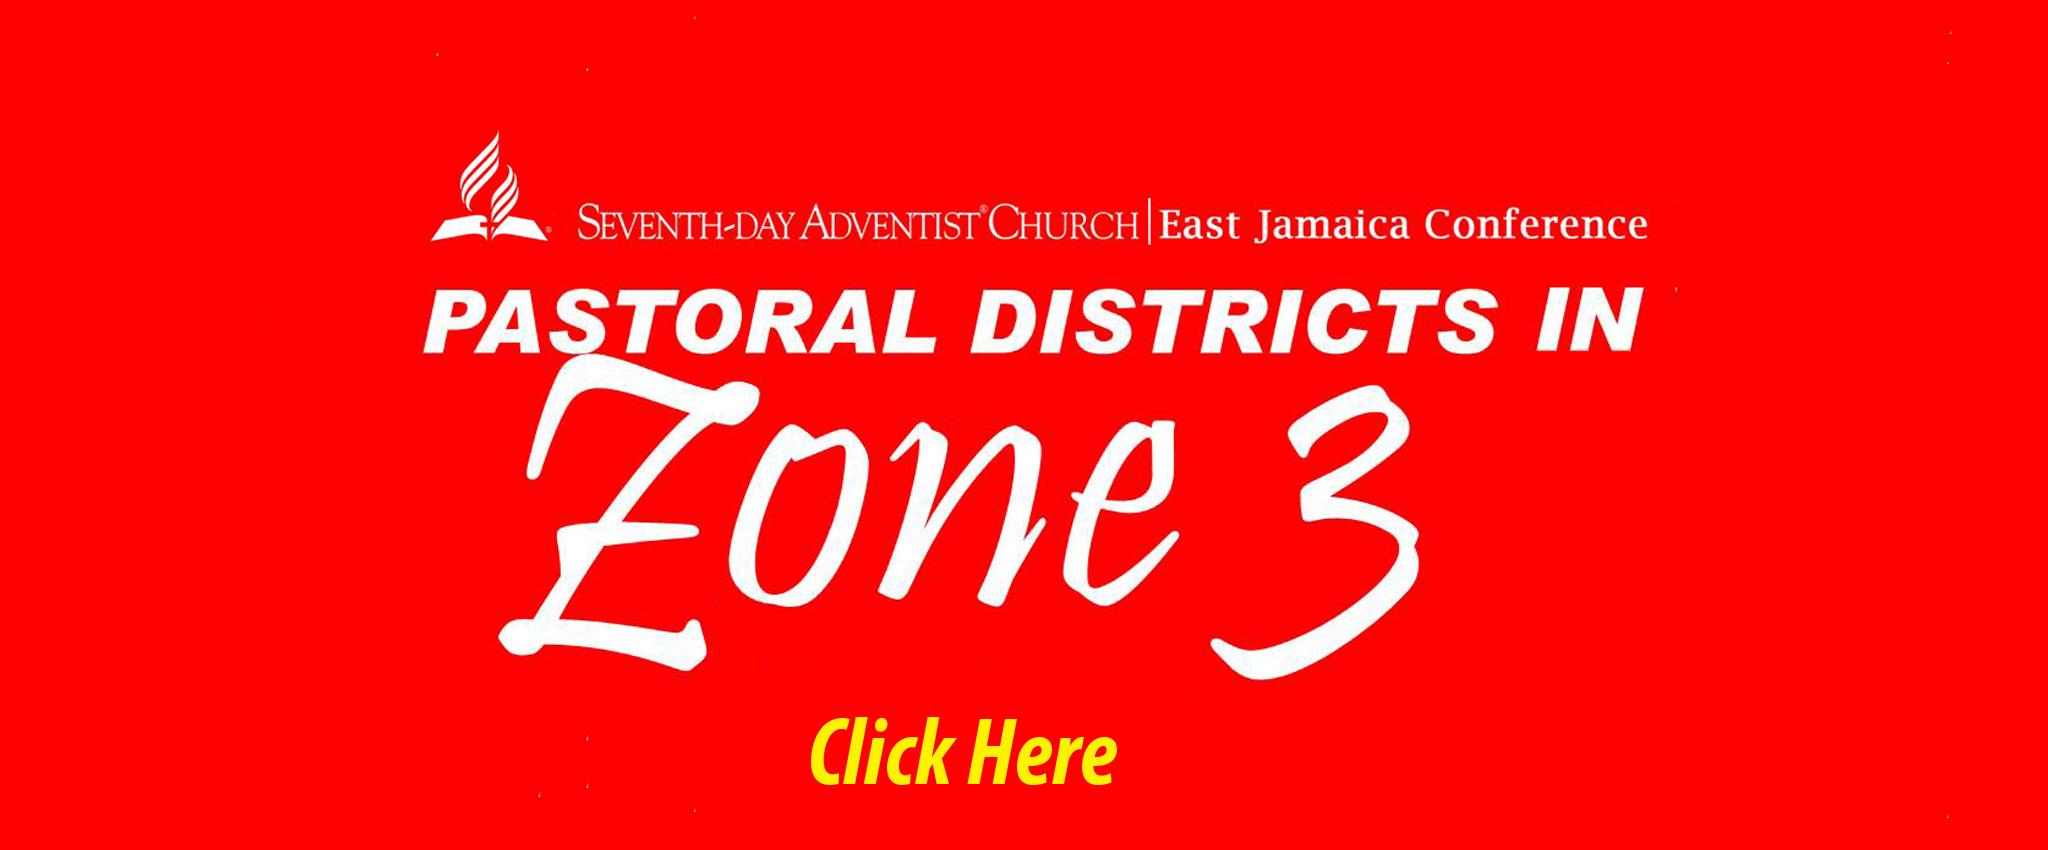 See Pastors in Zone 3